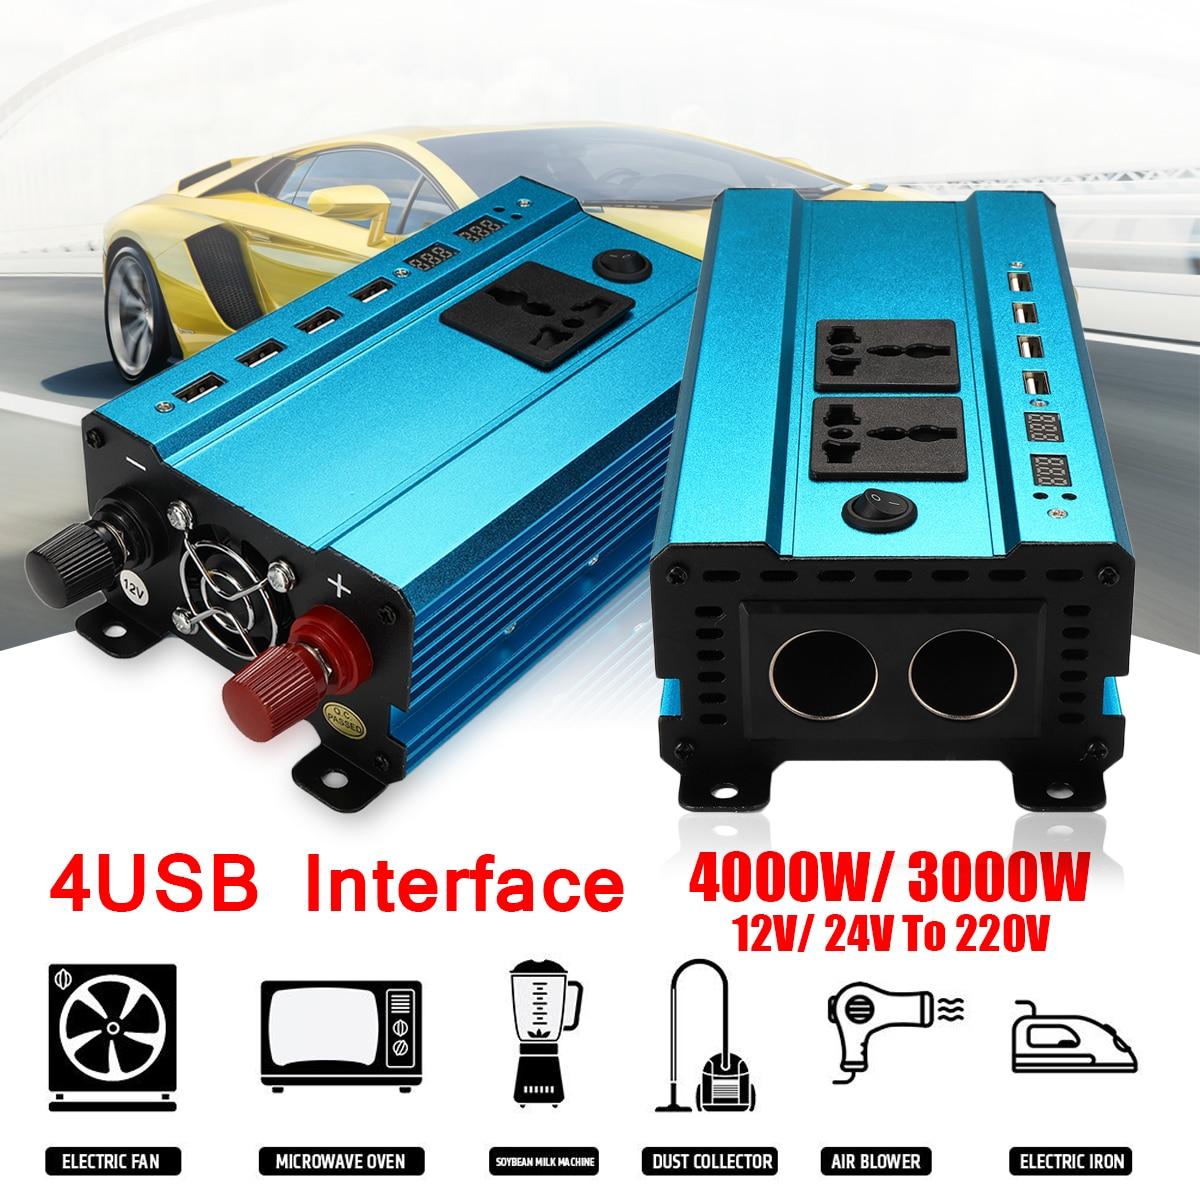 4000W LED 4USB 12v/24V DC to 220V AC 50Hz Solar Power Inverter Sine Wave Converter 2000W Overload High Voltage Protection